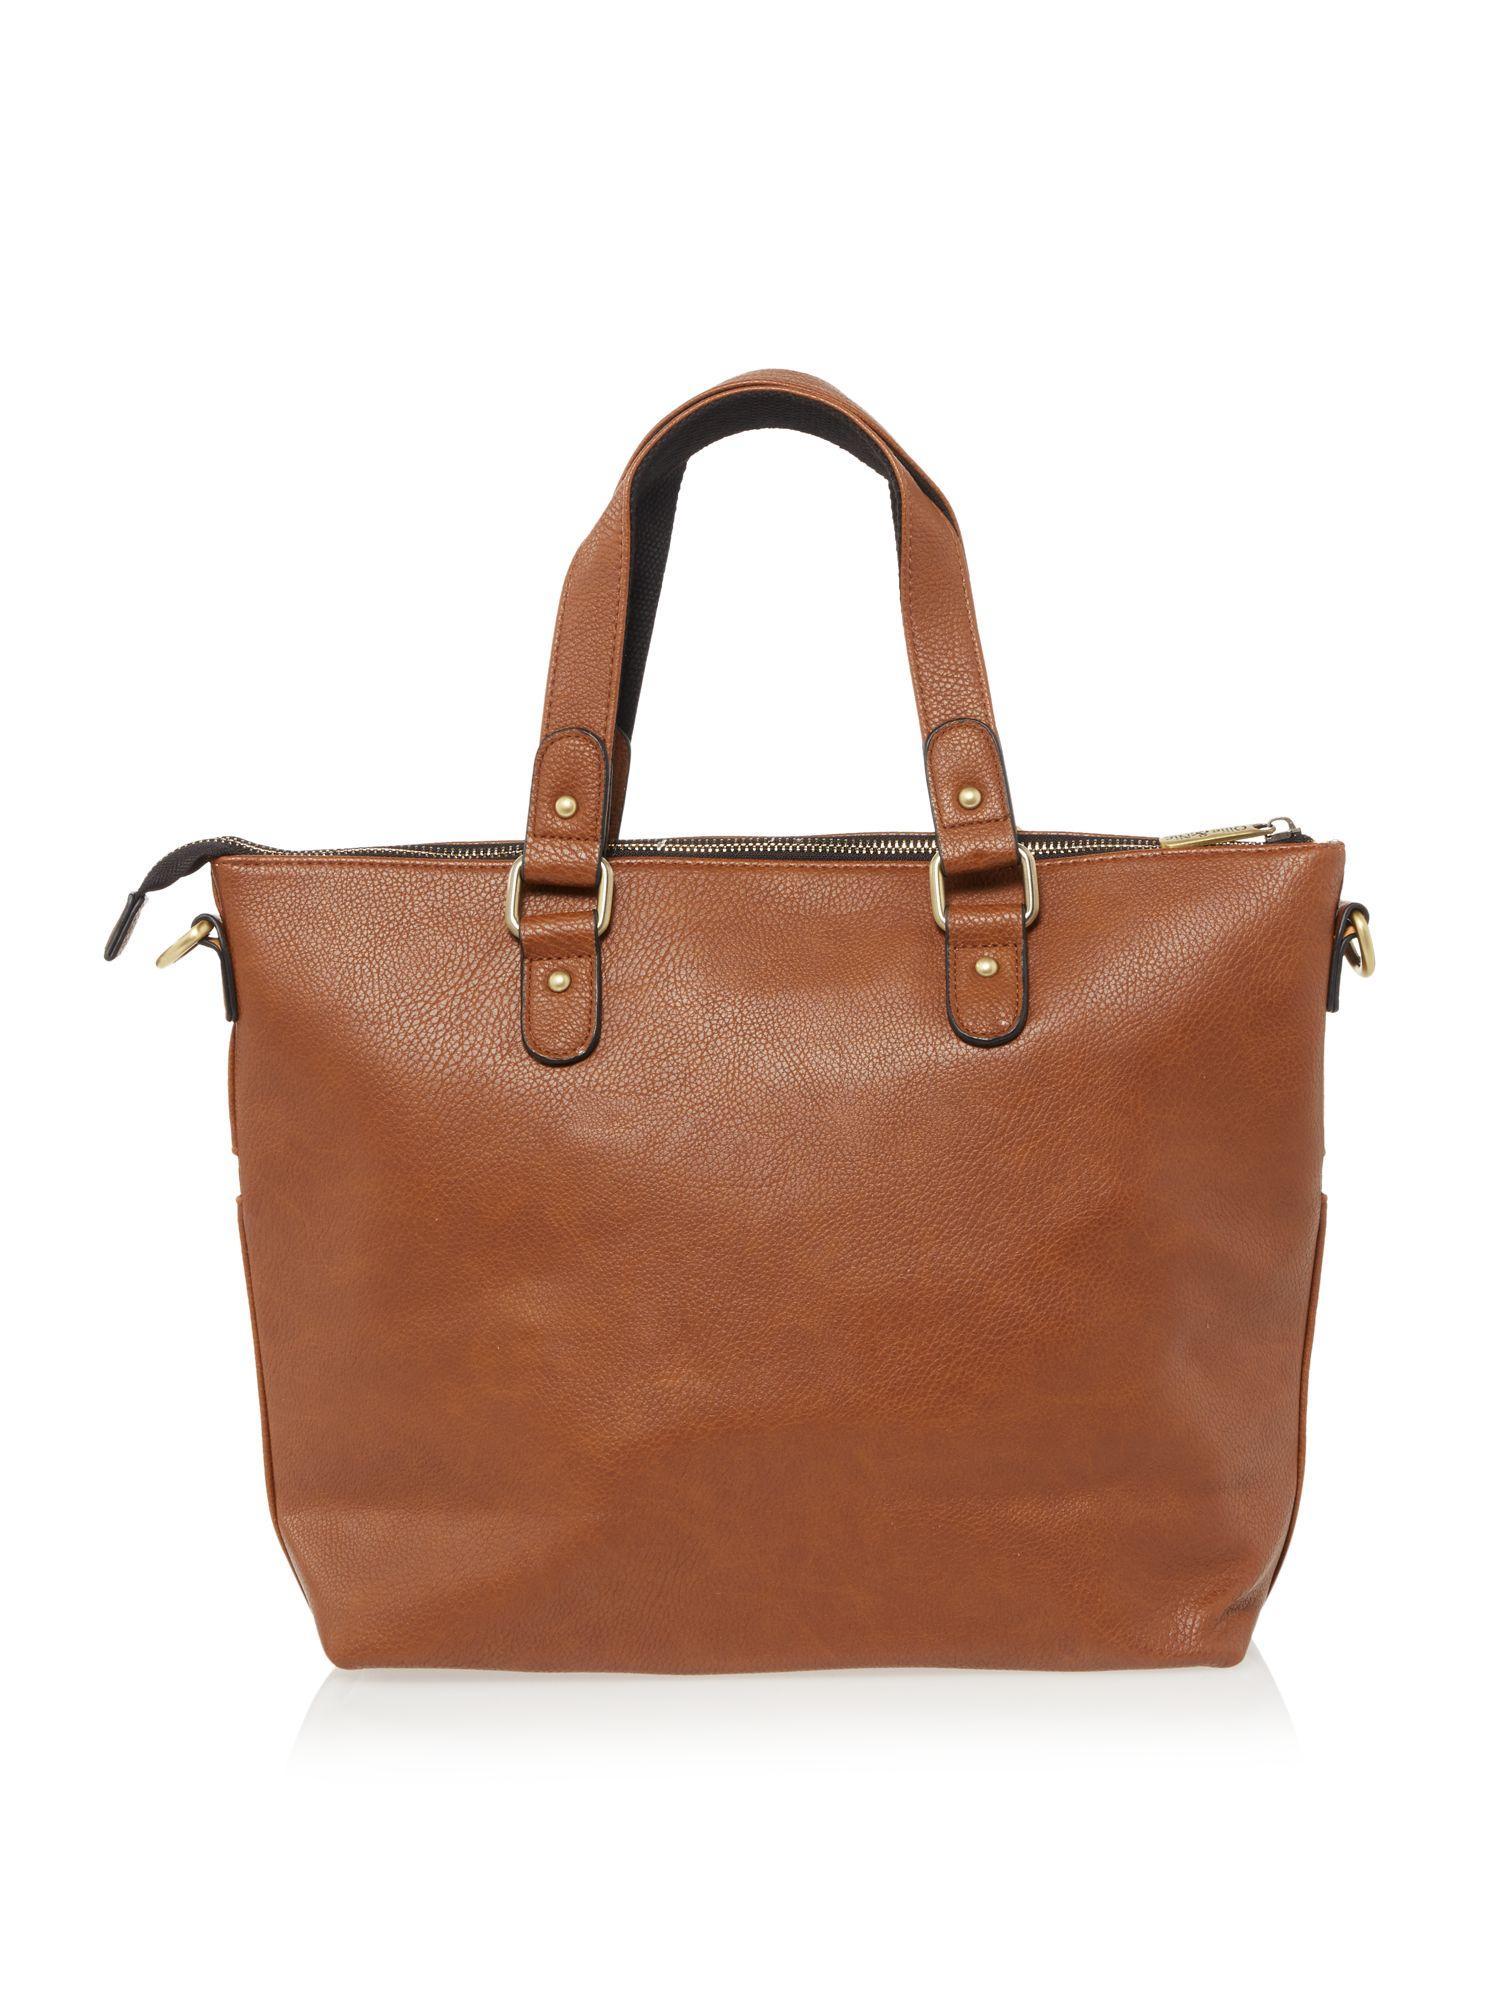 Ollie & Nic Duke Medium Tote Bag in Tan (Brown)